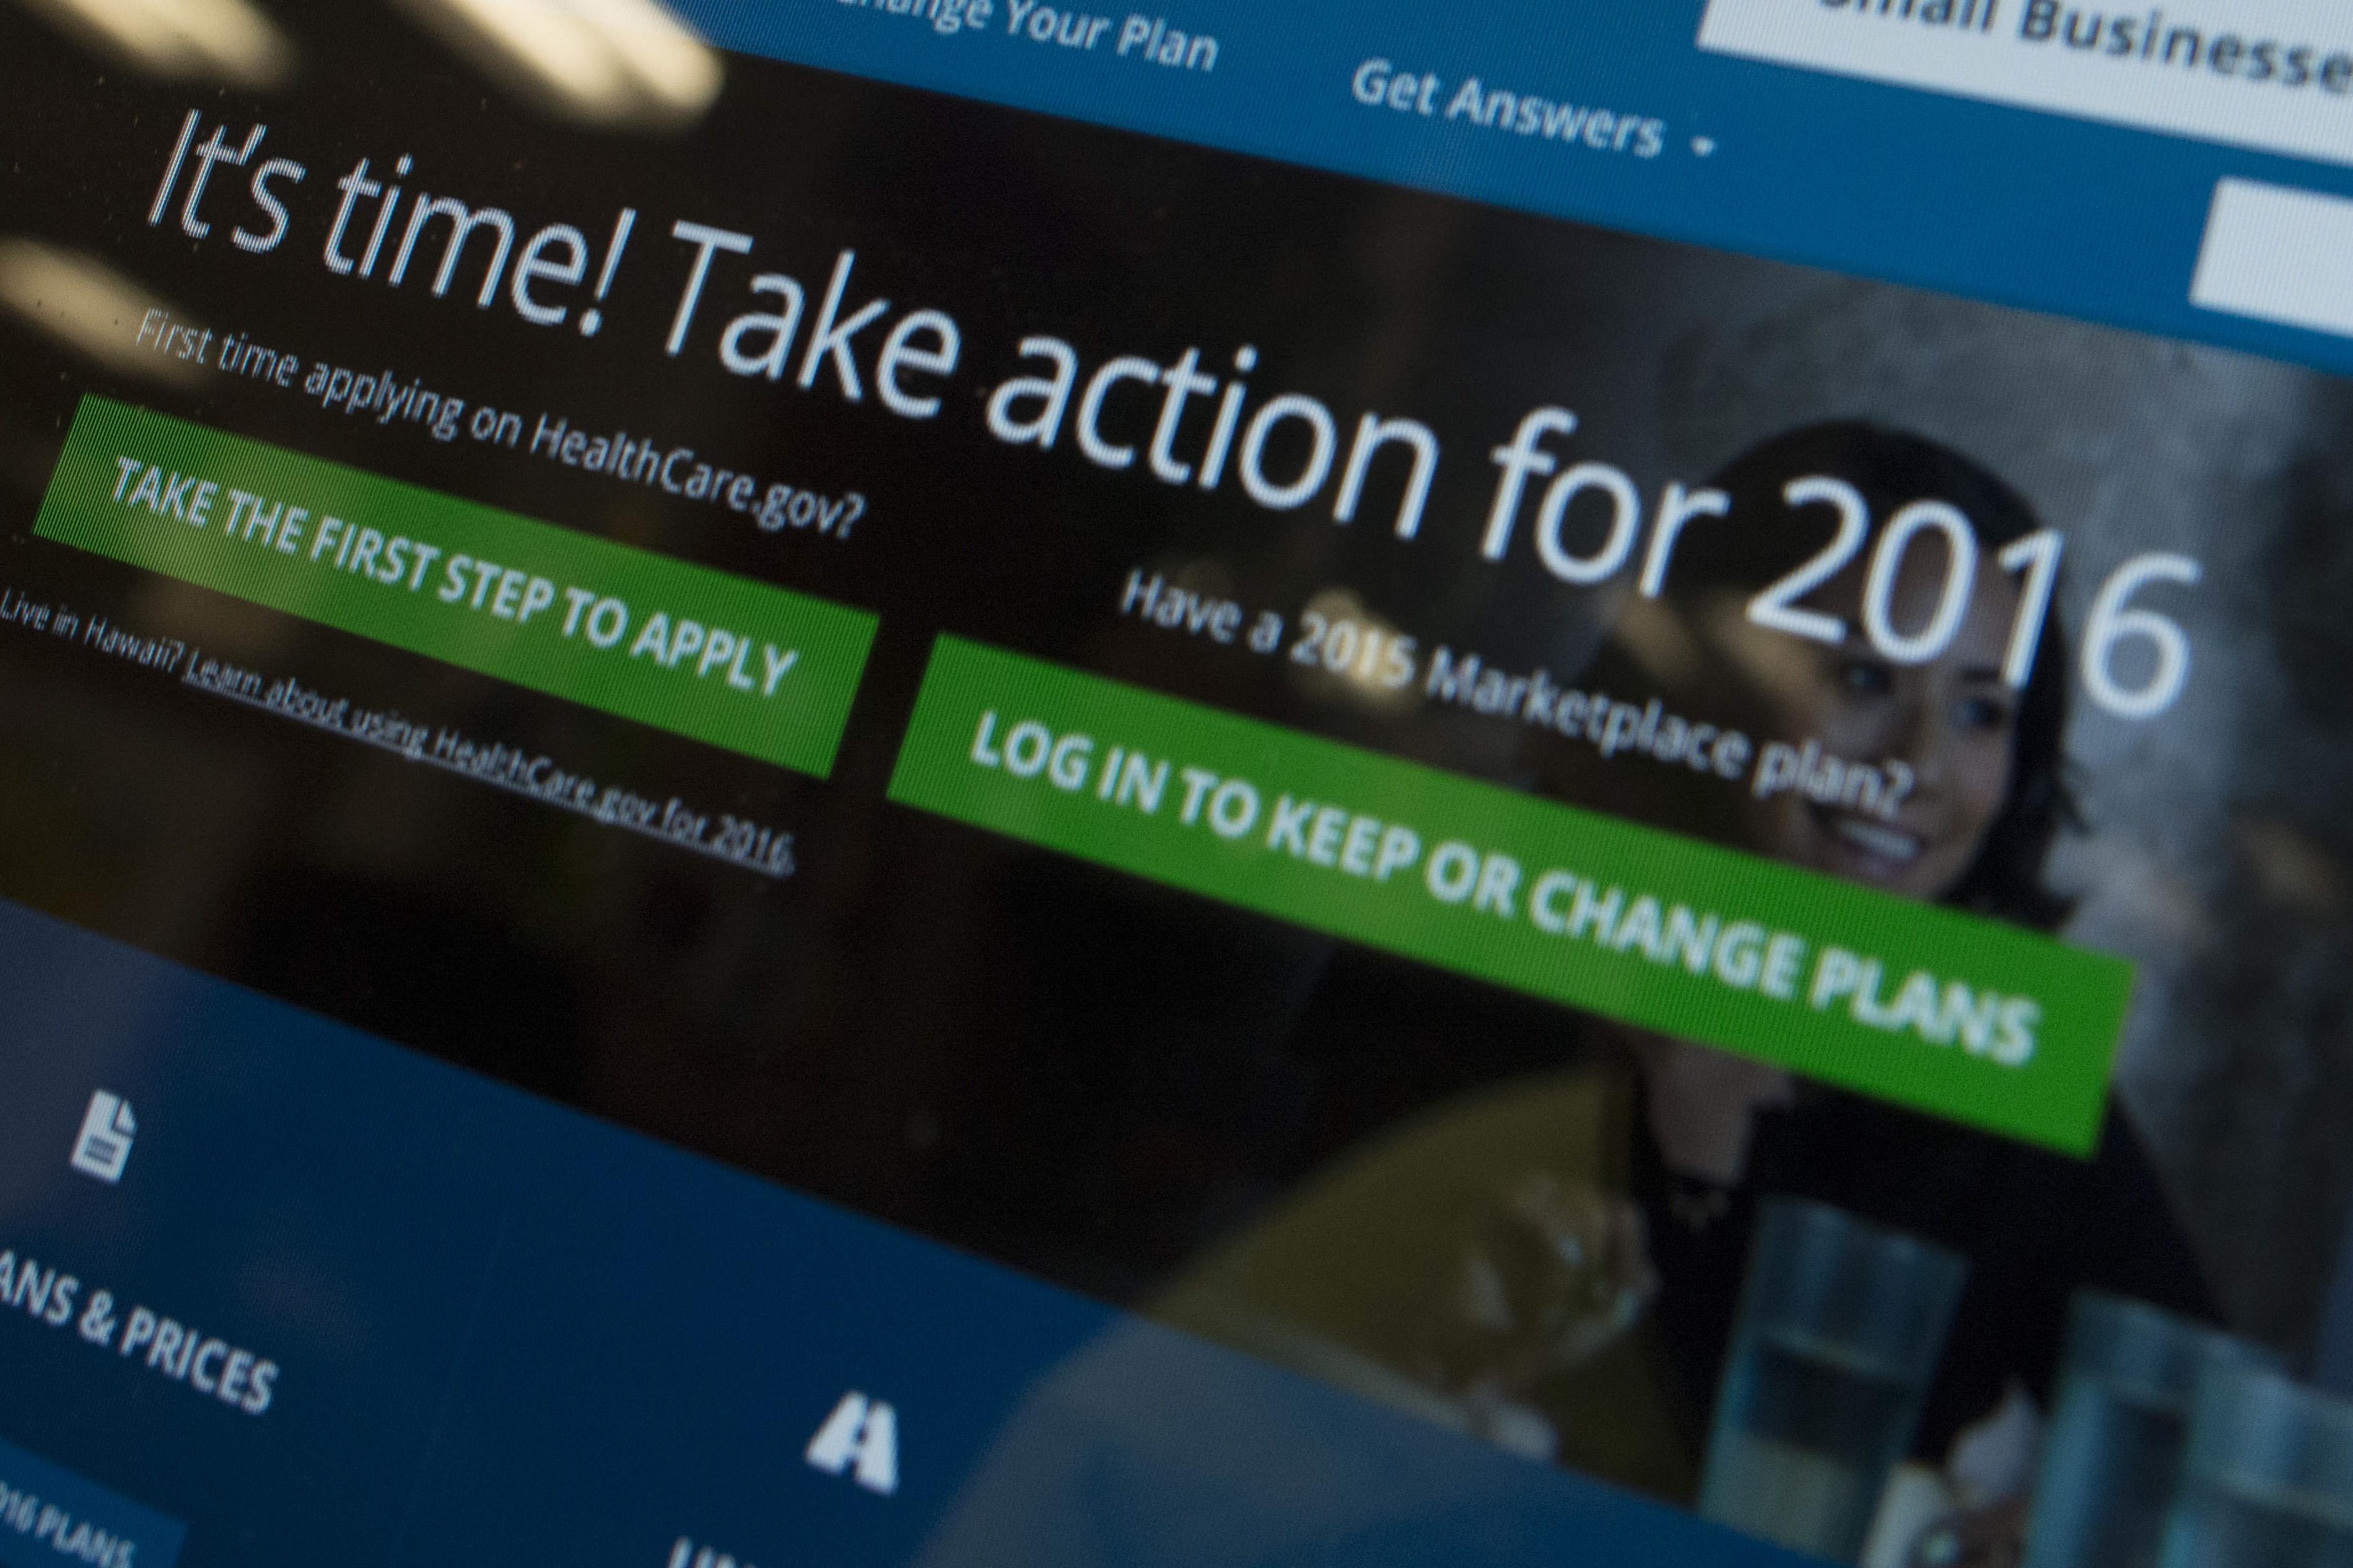 Healthcare.gov is enrolling new applicants until Jan. 31